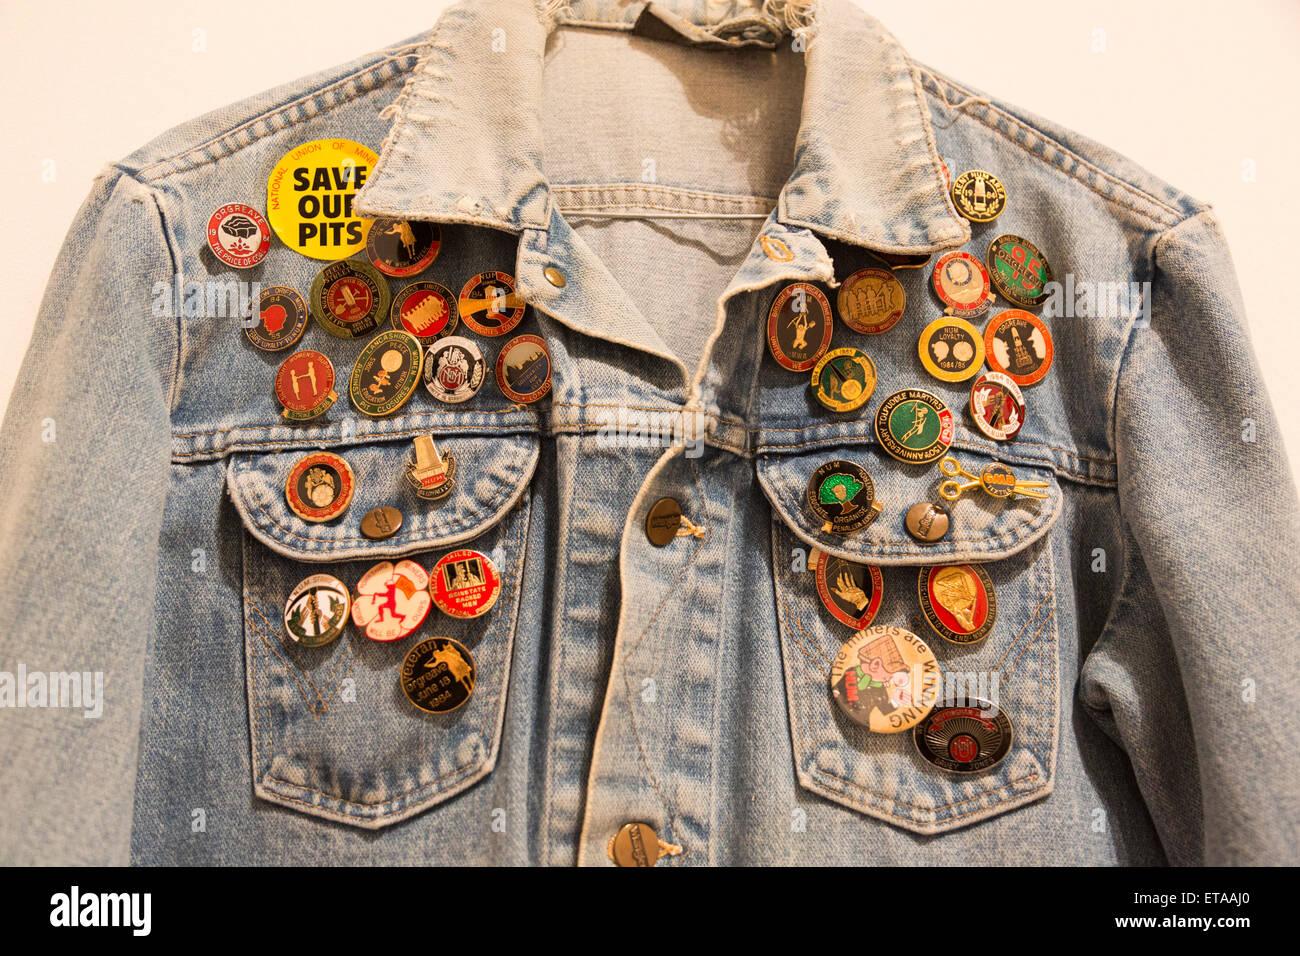 Londra, Regno Unito. 8 Giugno 2015. Nella foto: una camicia di jeans con memorabilia badge. La battaglia di Orgreave Immagini Stock